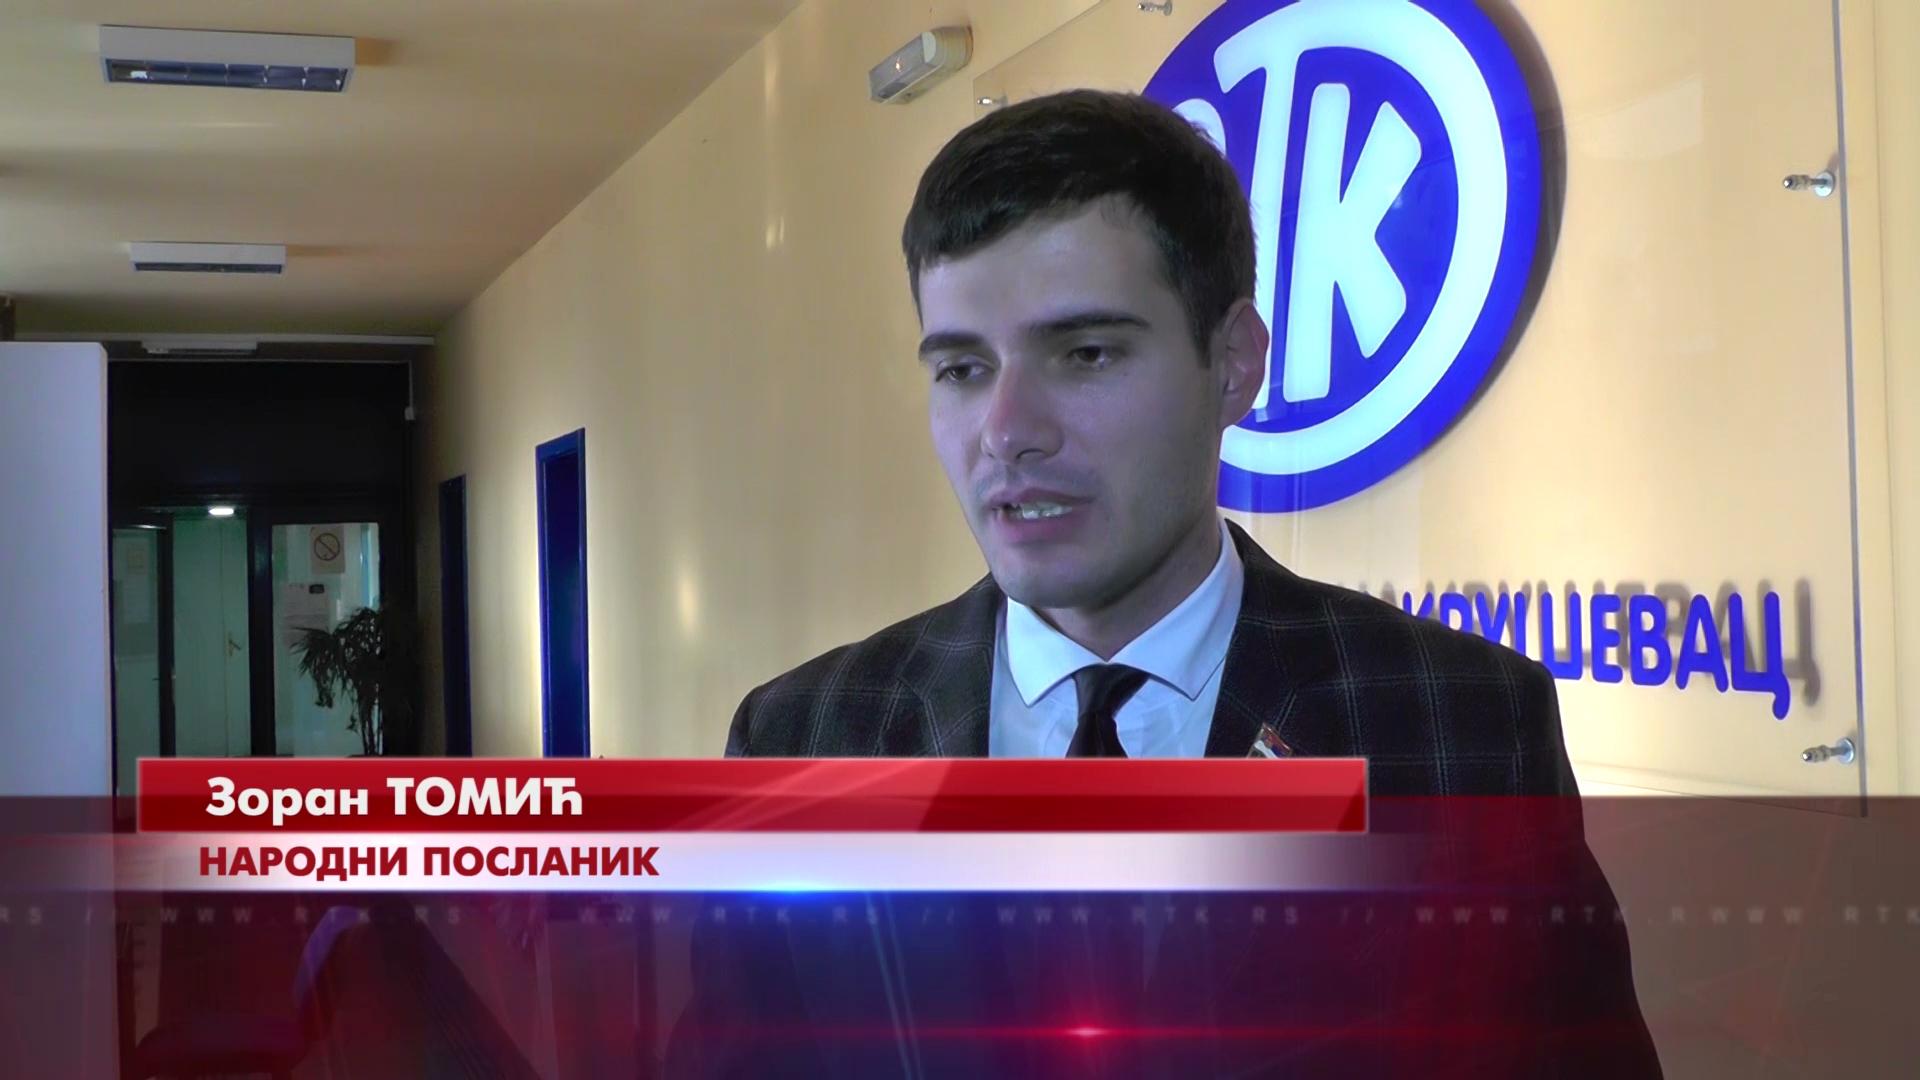 U novom sazivu Skupštine Srbije i petoro narodnih poslanika iz Rasinskog okruga, za RTK govori Zoran Tomić